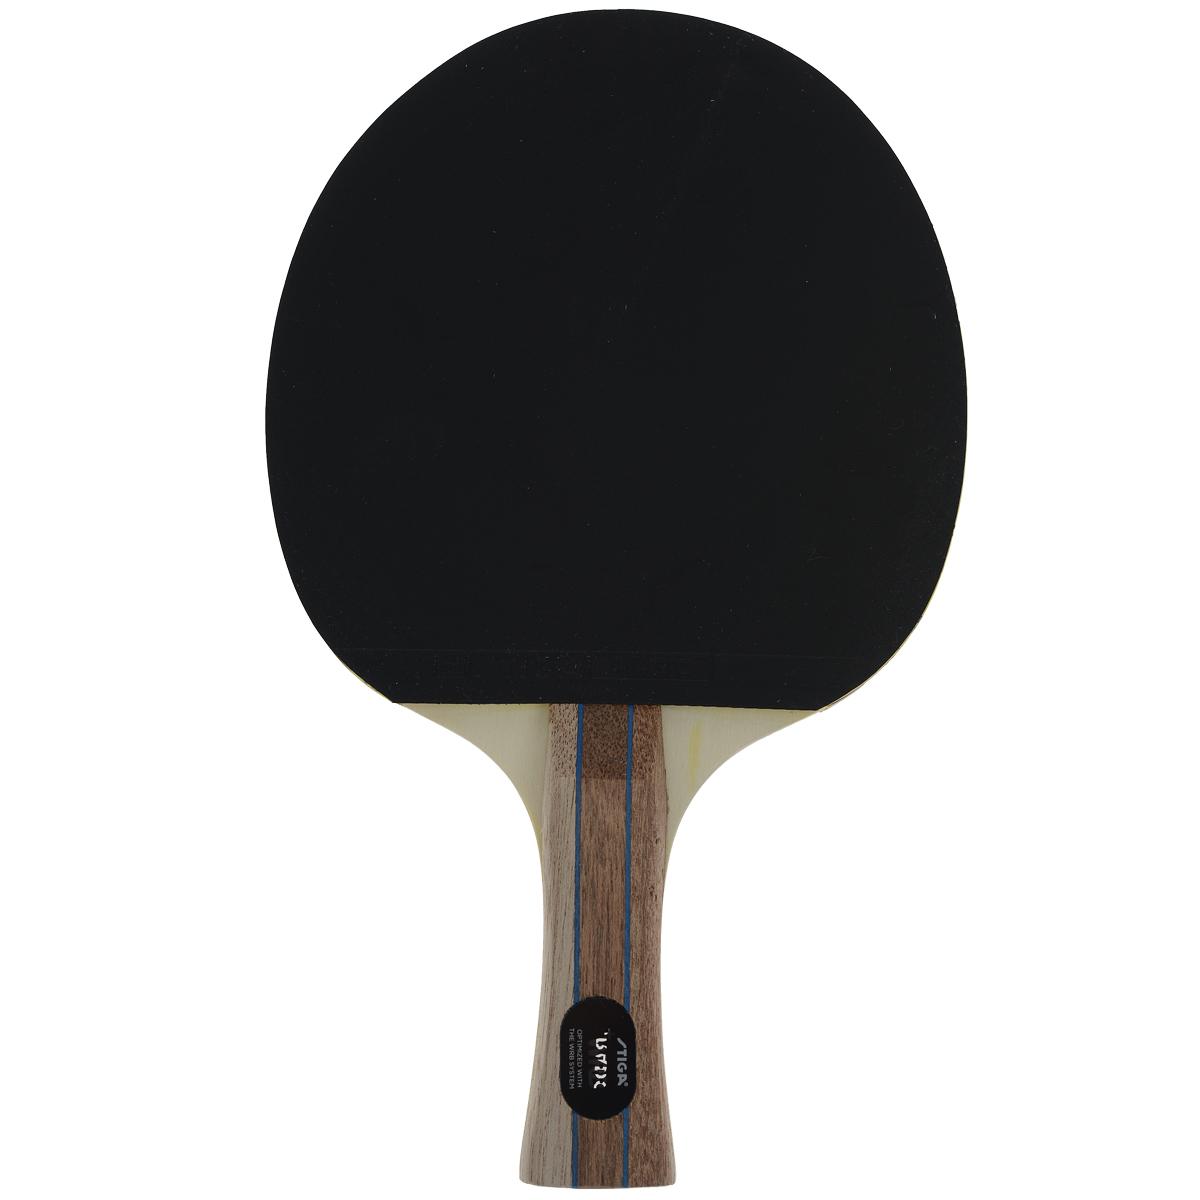 Ракетка для настольного тенниса Stiga Dorado, цвет: черный228202Stiga Dorado - прекрасная ракетка для игроков, которые хотят намного больший контакт и контроль в их активной всесторонней игре. Основные характеристики: Контроль: 100. Скорость: 35. Кручение: 29. Ручка: Concave. Накладки: Magic 1.6.